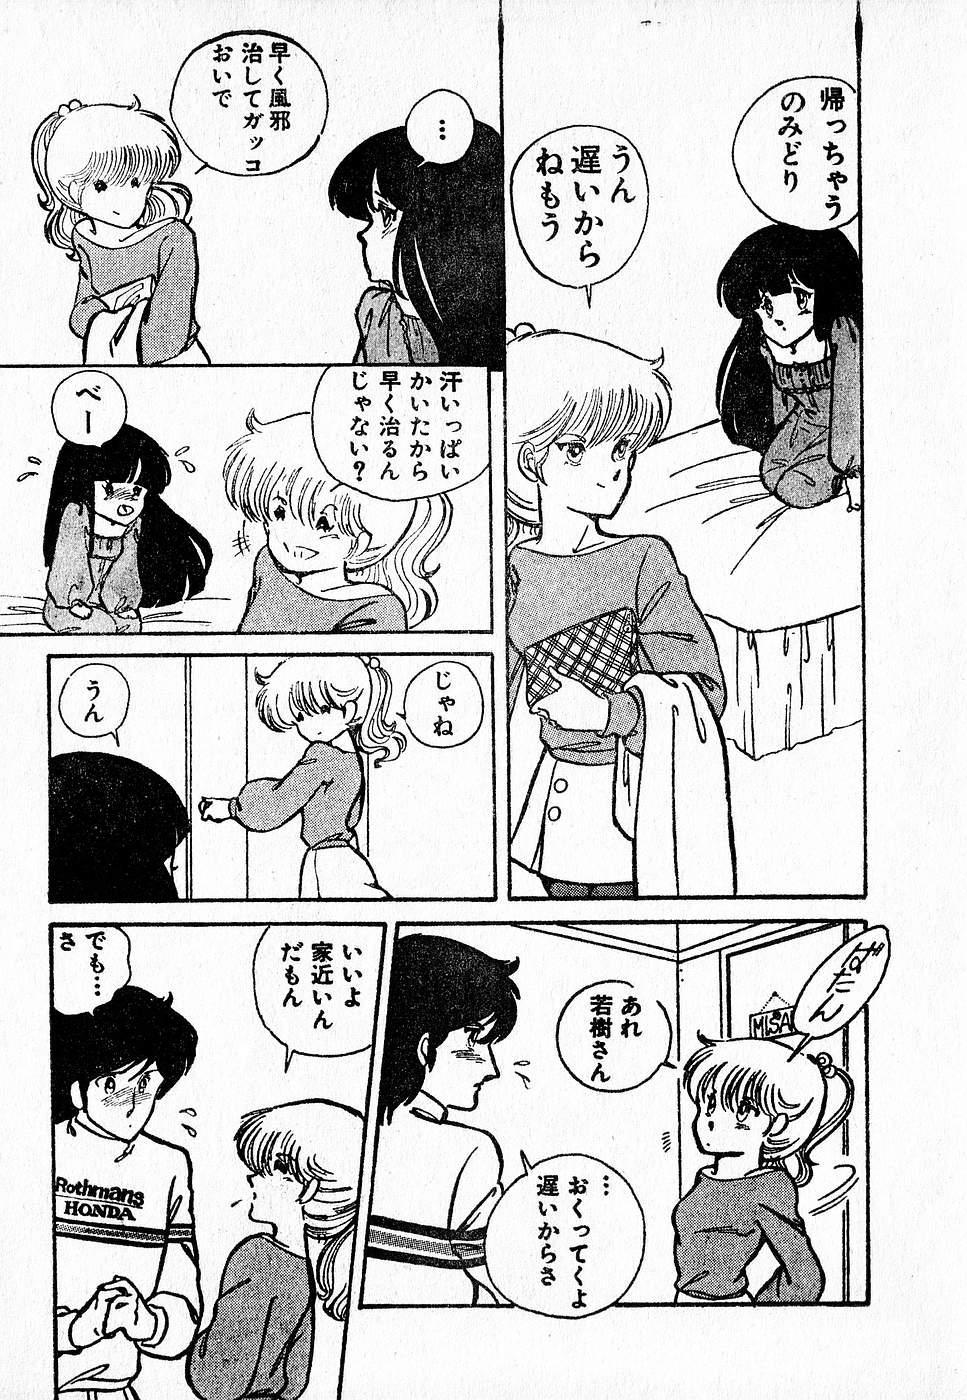 COMIC Lolipop 1985-10 Soukanjunbigou Aki 158